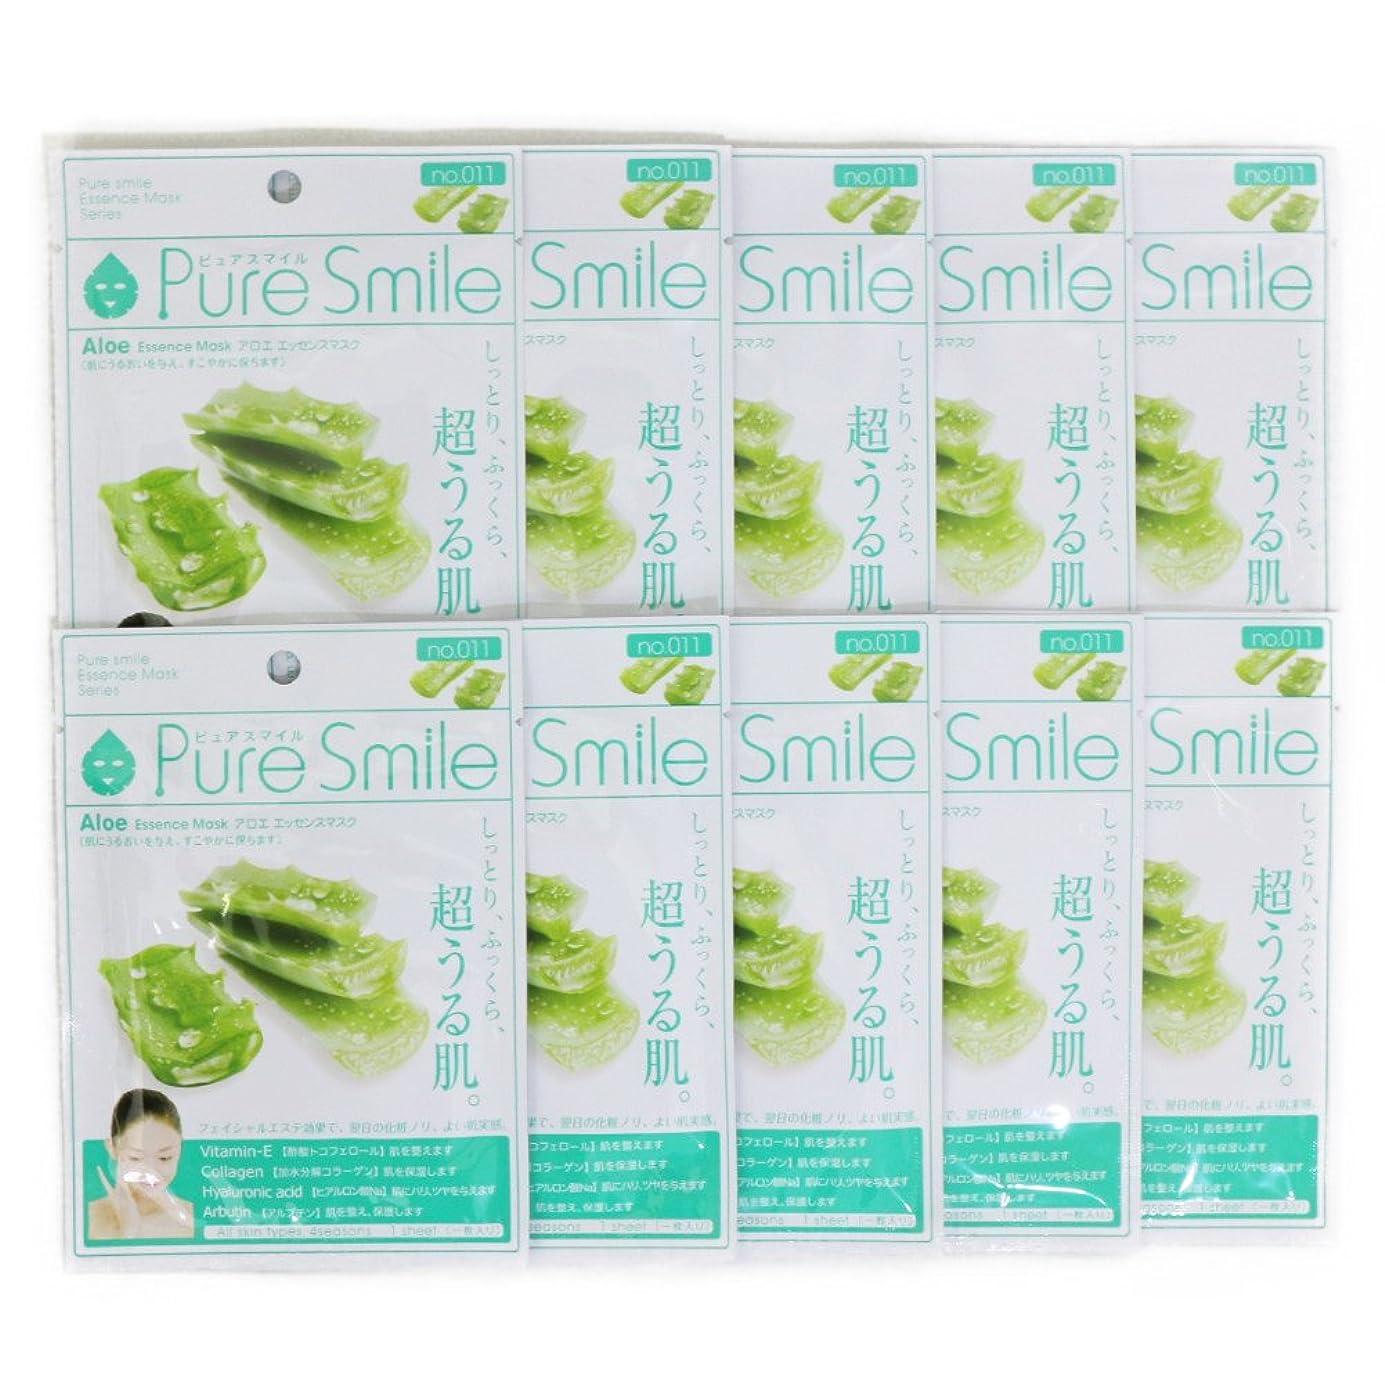 鎮静剤請求書アレルギーPure Smile ピュアスマイル エッセンスマスク アロエ 10枚セット